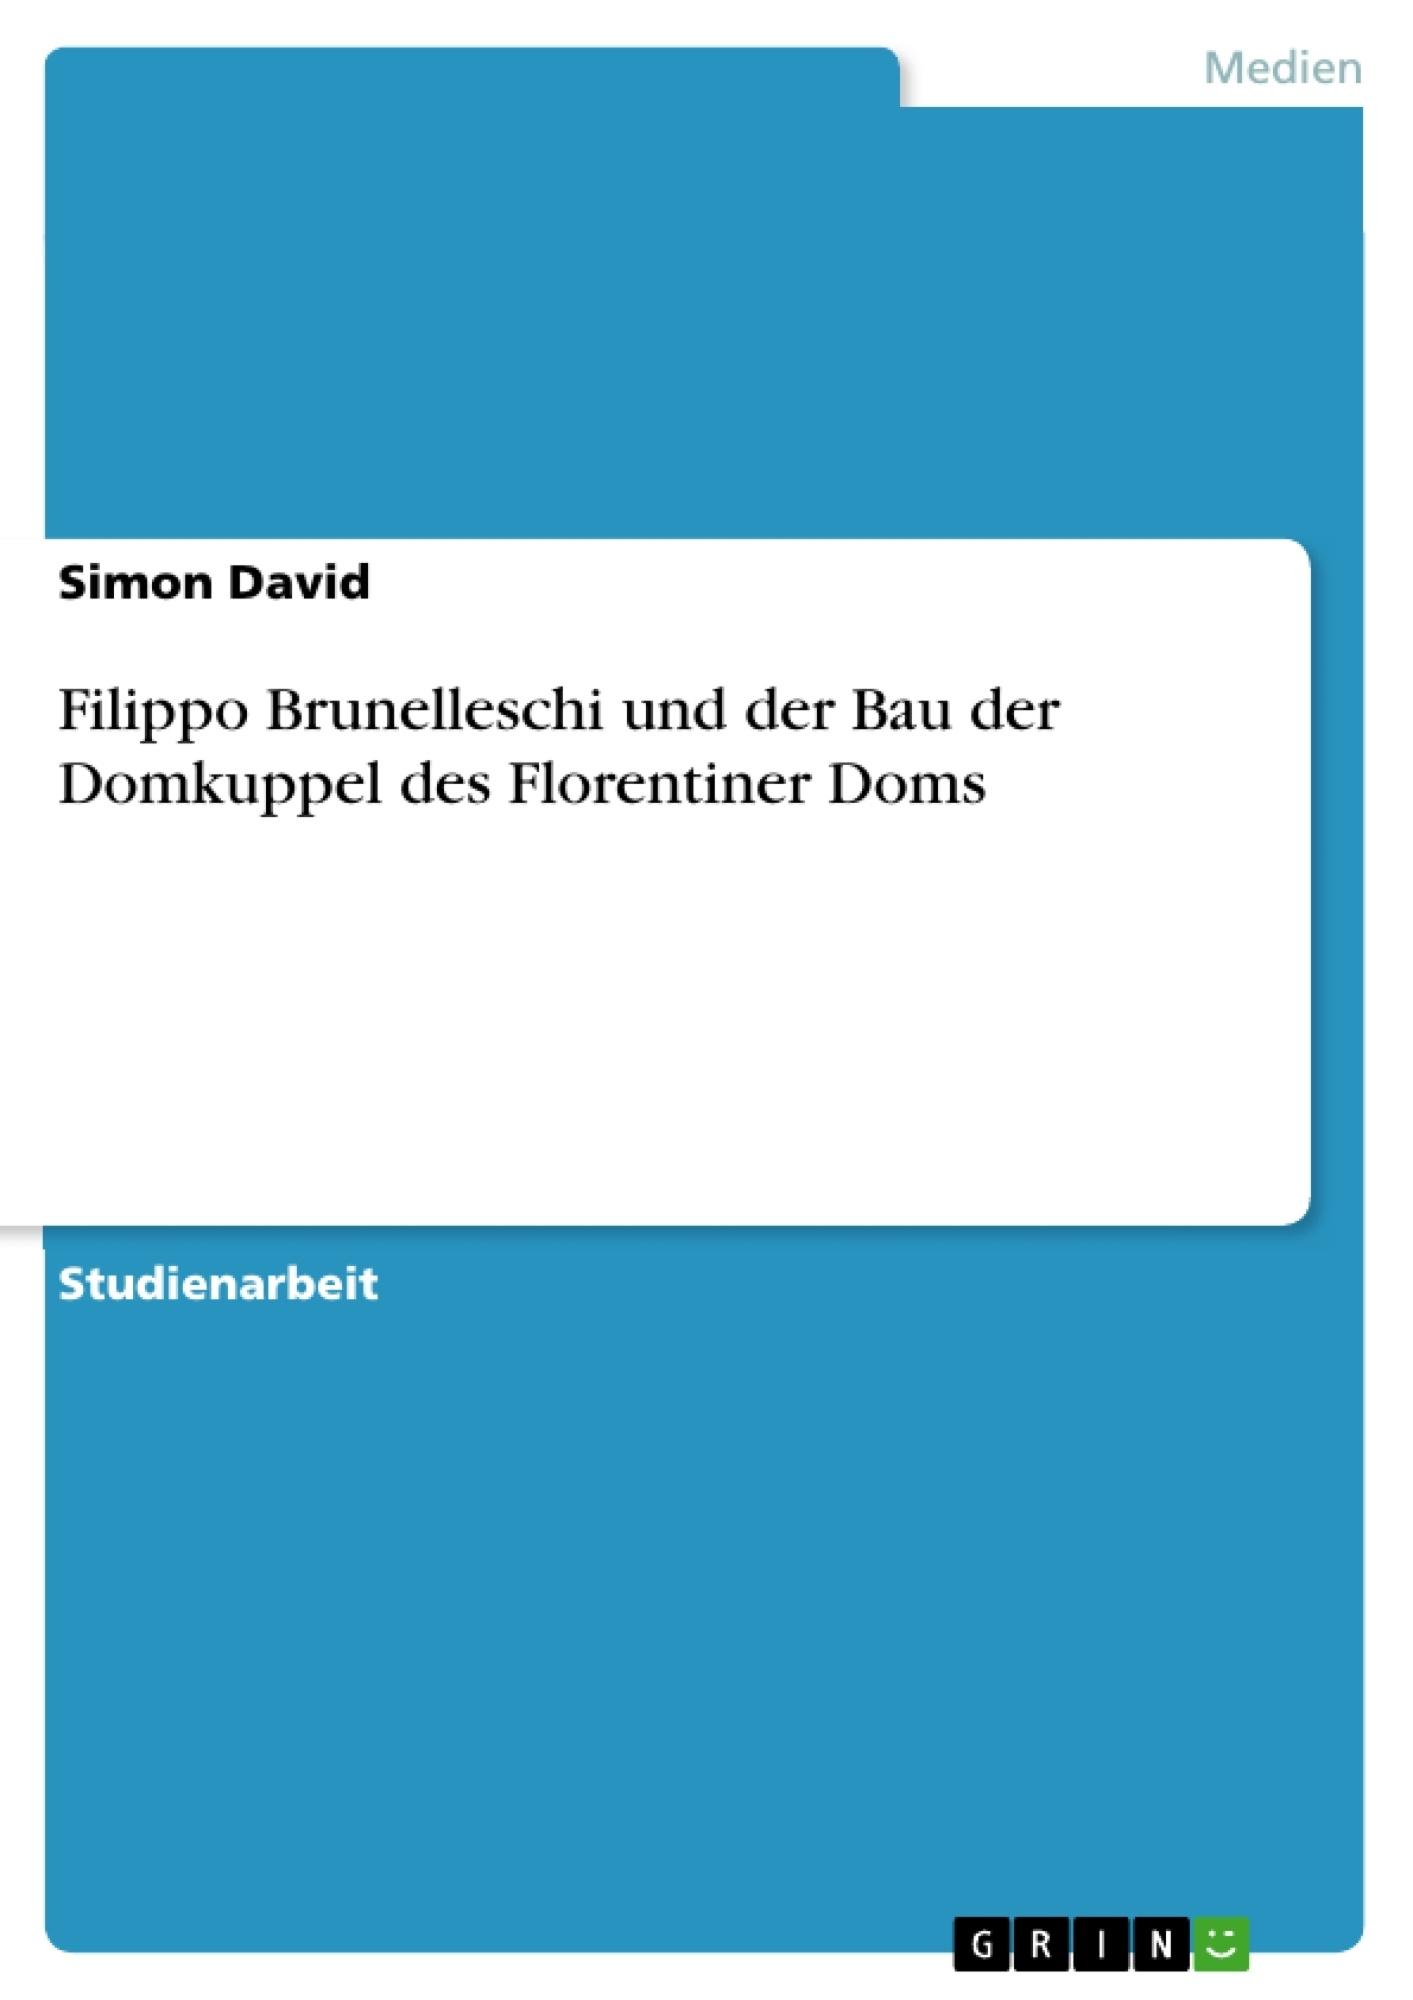 Titel: Filippo Brunelleschi und der Bau der Domkuppel des Florentiner Doms